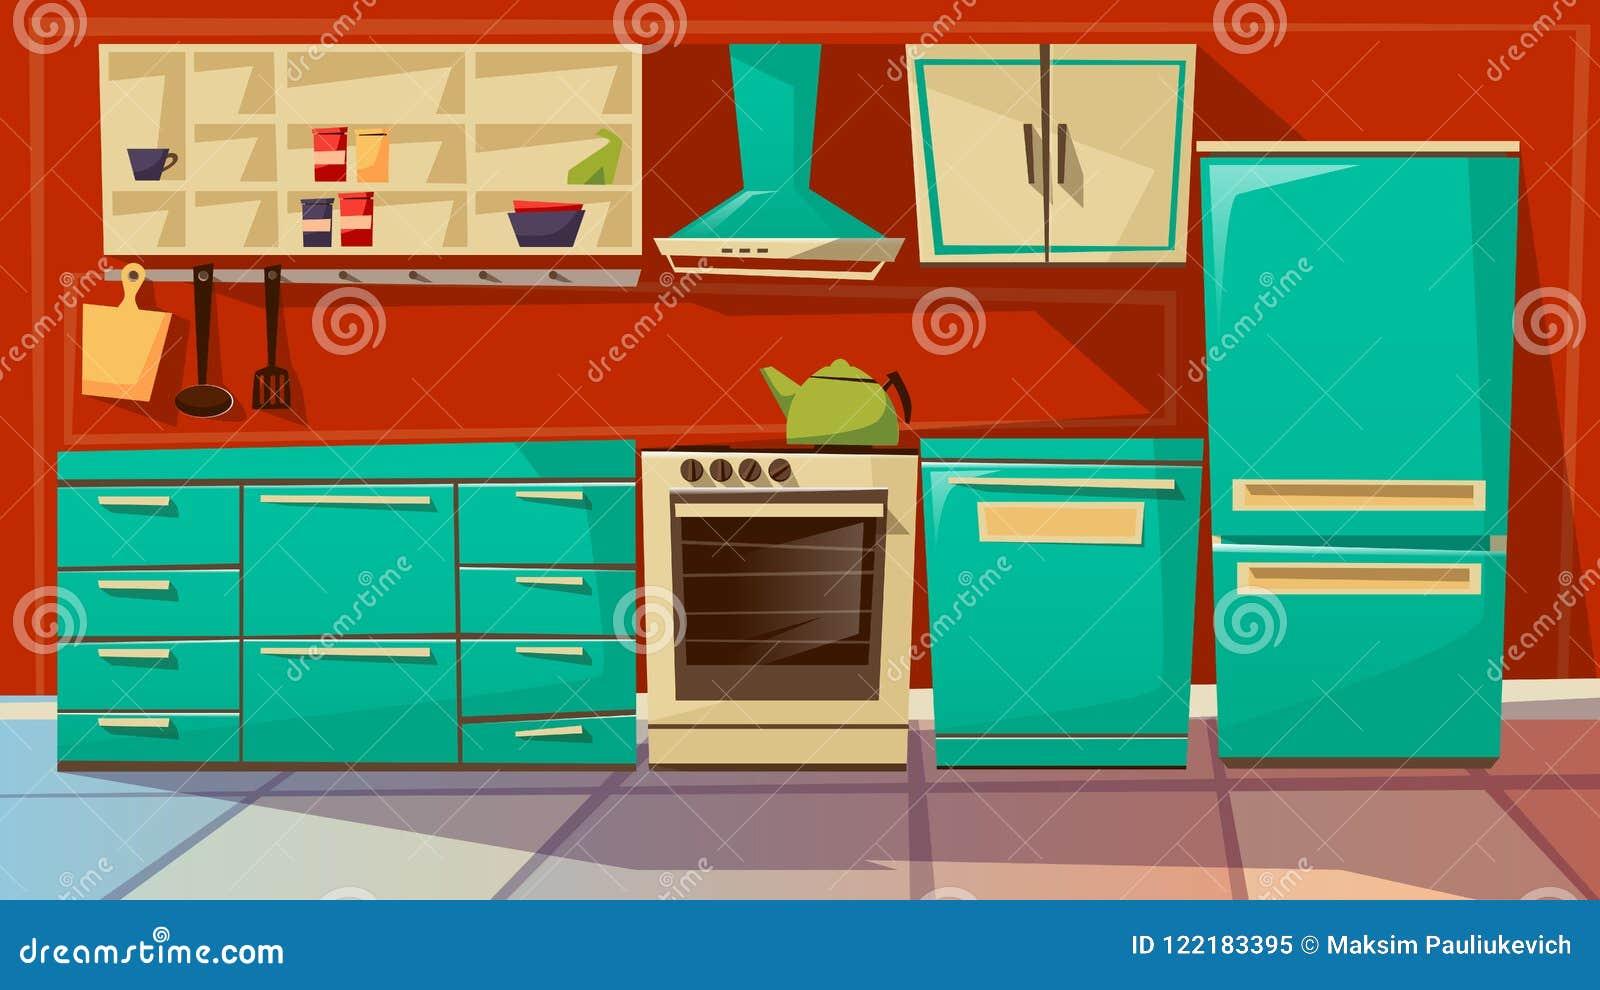 Modern Kitchen Interior Background Cartoon Illustration Of Kitchen ...